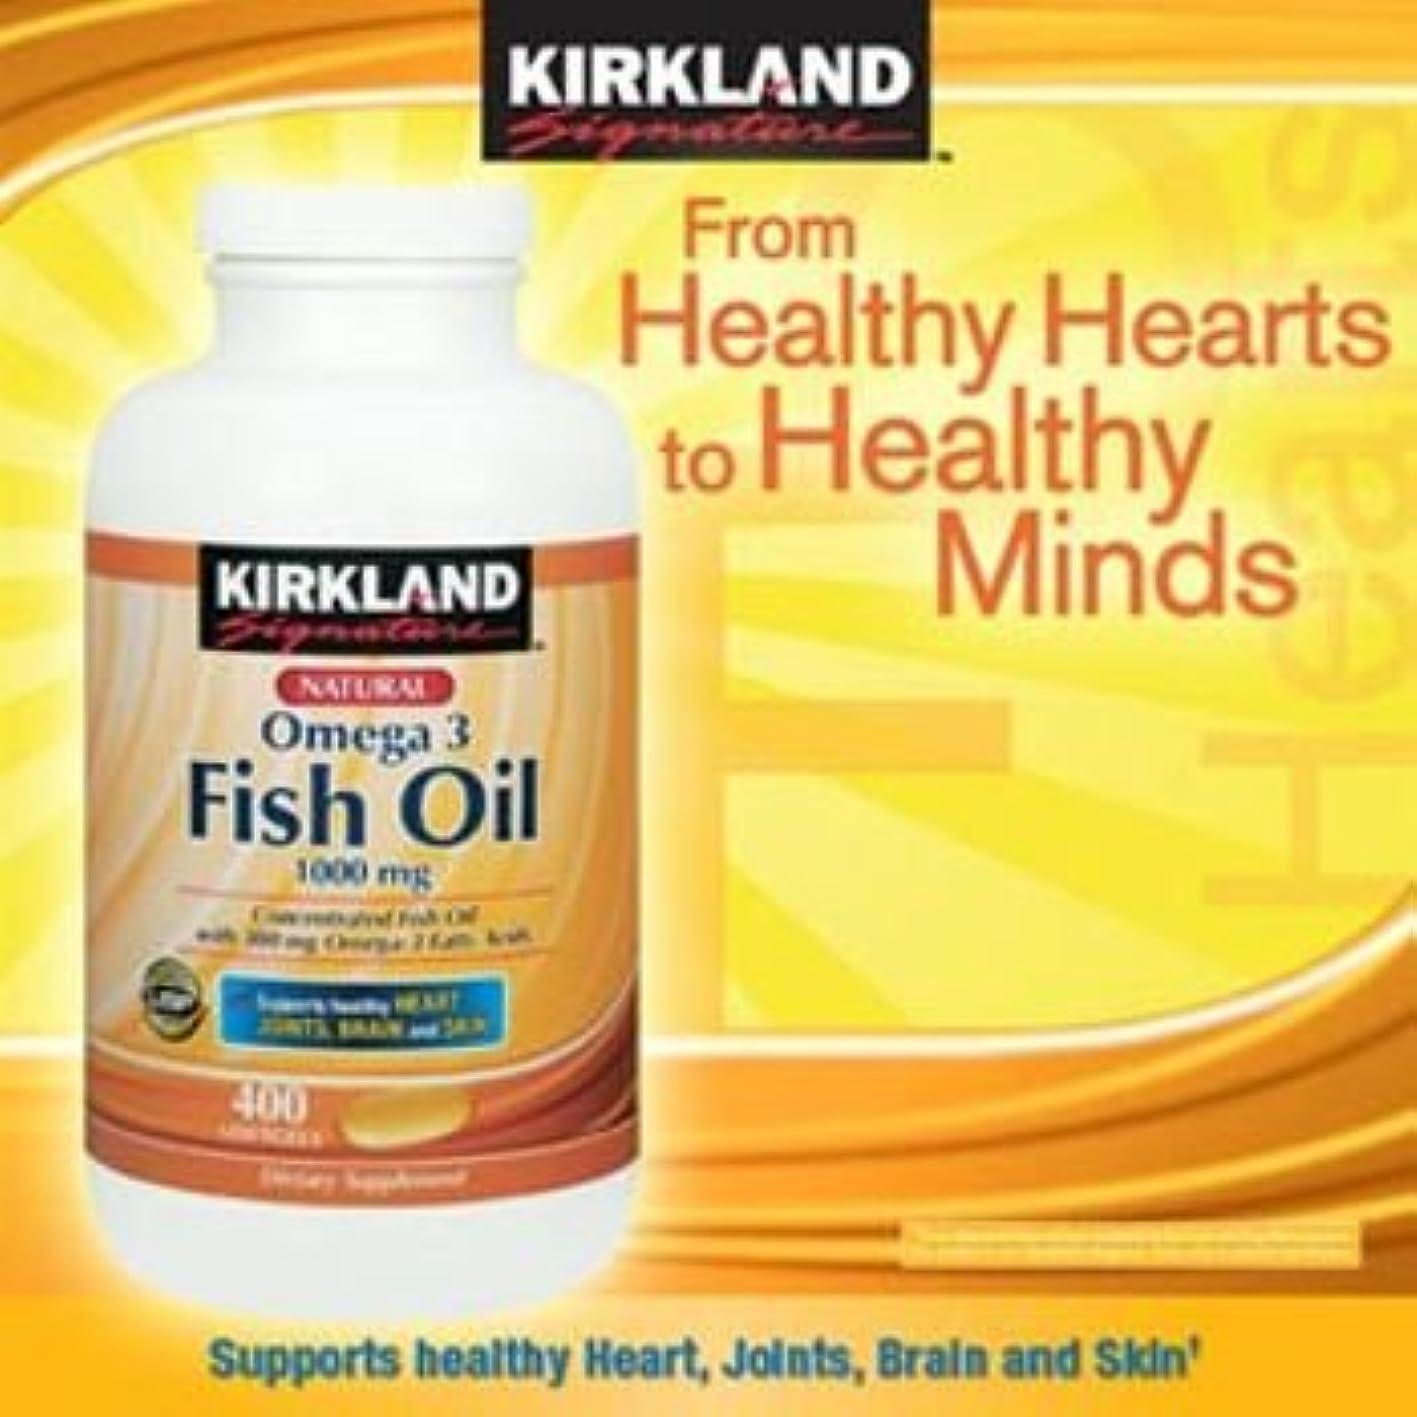 宙返り隠すシャーロットブロンテKIRKLAND社 フィッシュオイル (DHA+EPA) オメガ3 1000mg 400ソフトカプセル 3本 [並行輸入品] [海外直送品] 3 Bottles of KIRKLAND's Fish Oil (DHA +...